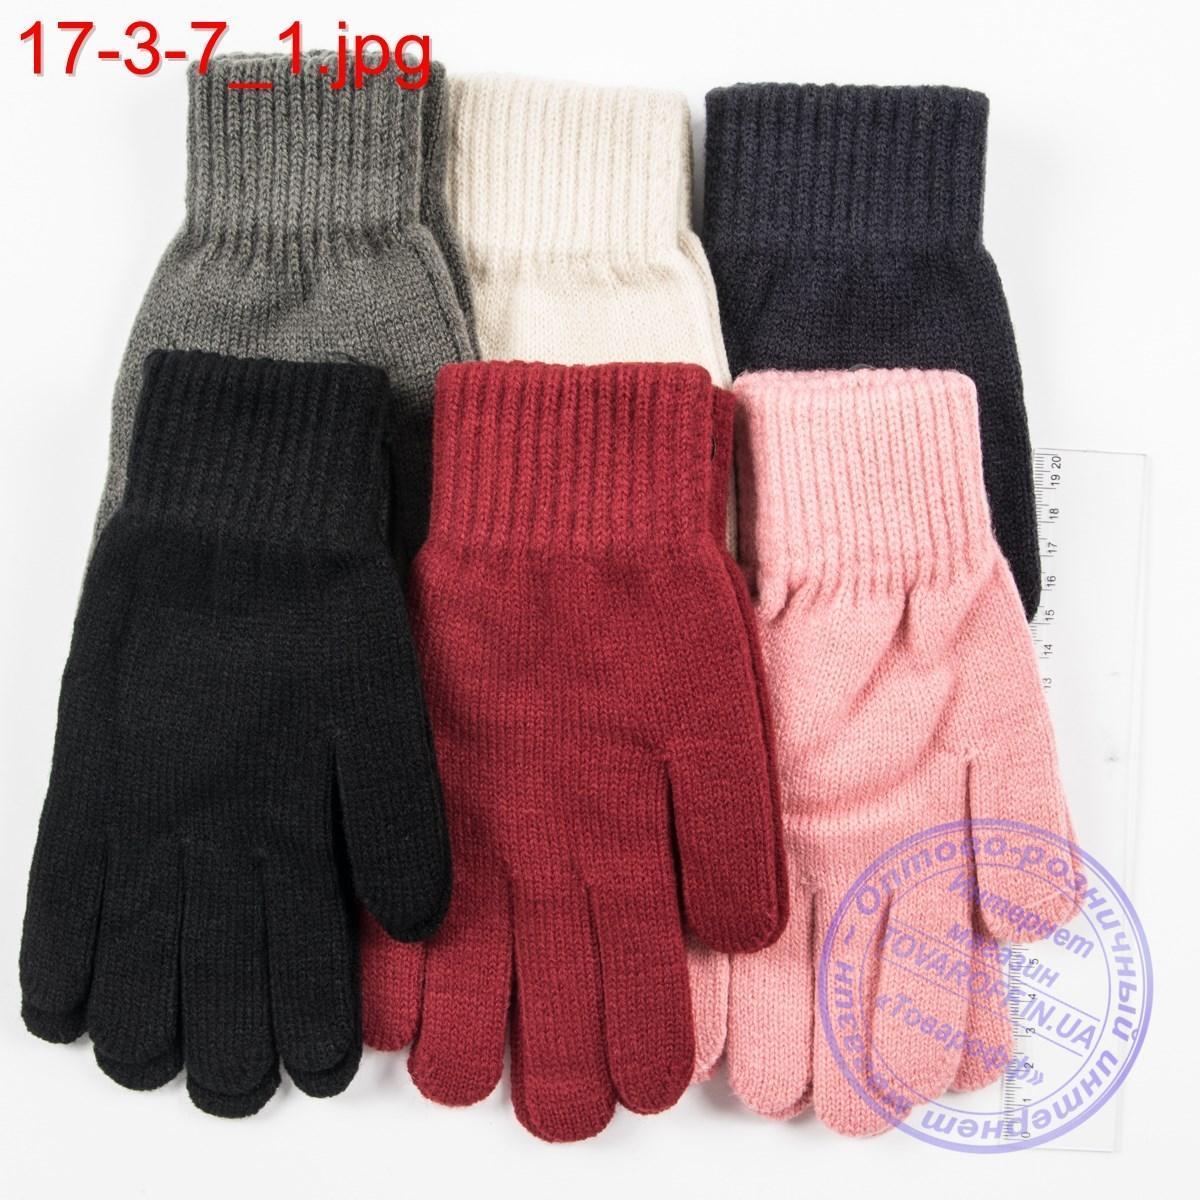 Трикотажные женские перчатки - №17-3-7